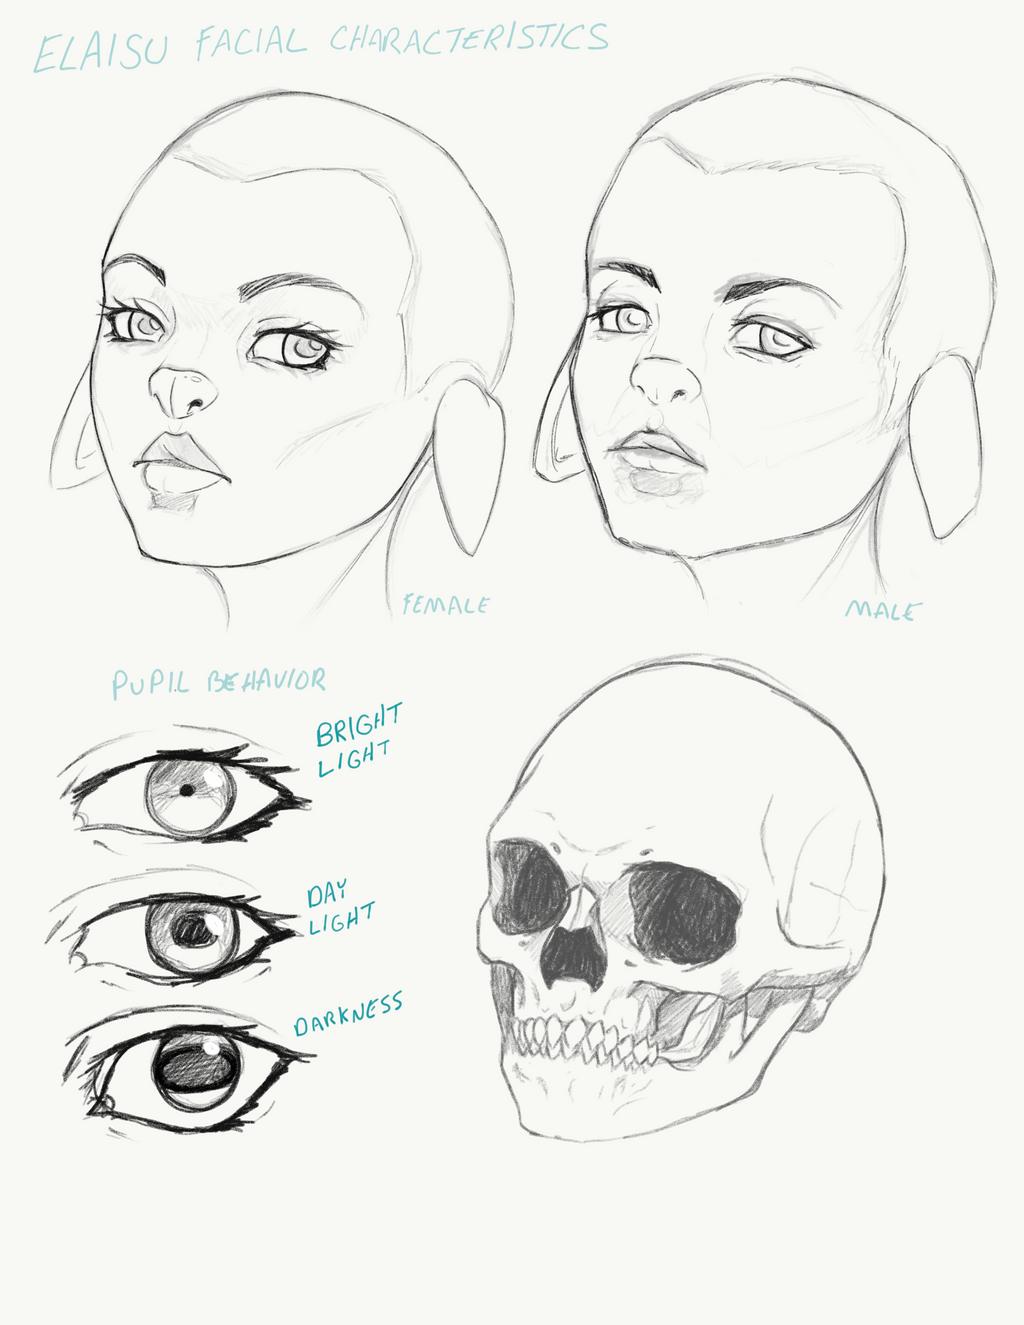 Elaisu racial facial features sketches by BlackHawk45LC